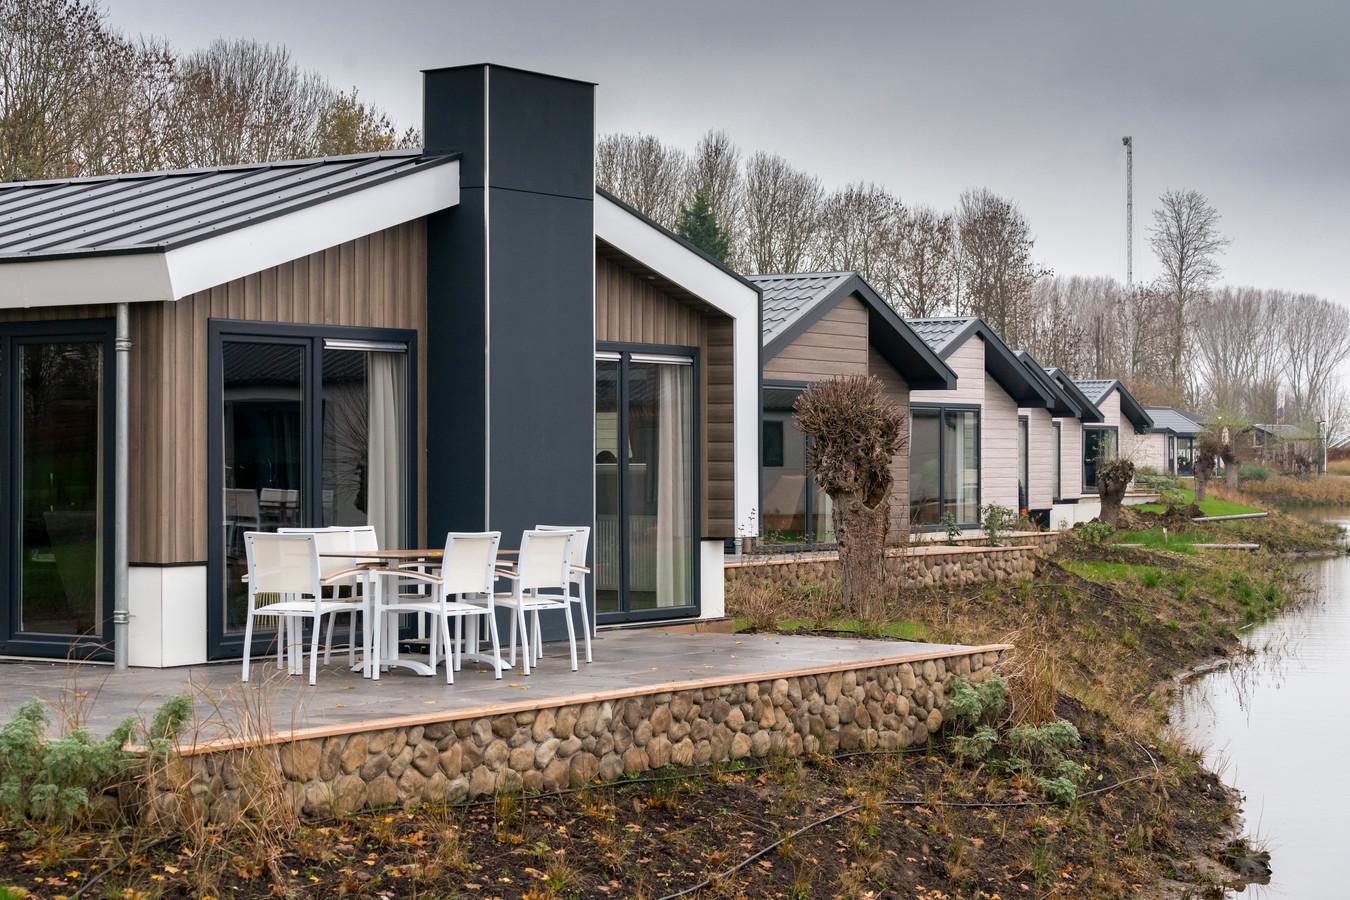 Luxe chalets op Resort aan de Maas, het vakantiepark van Europarcs in Kerkdriel.